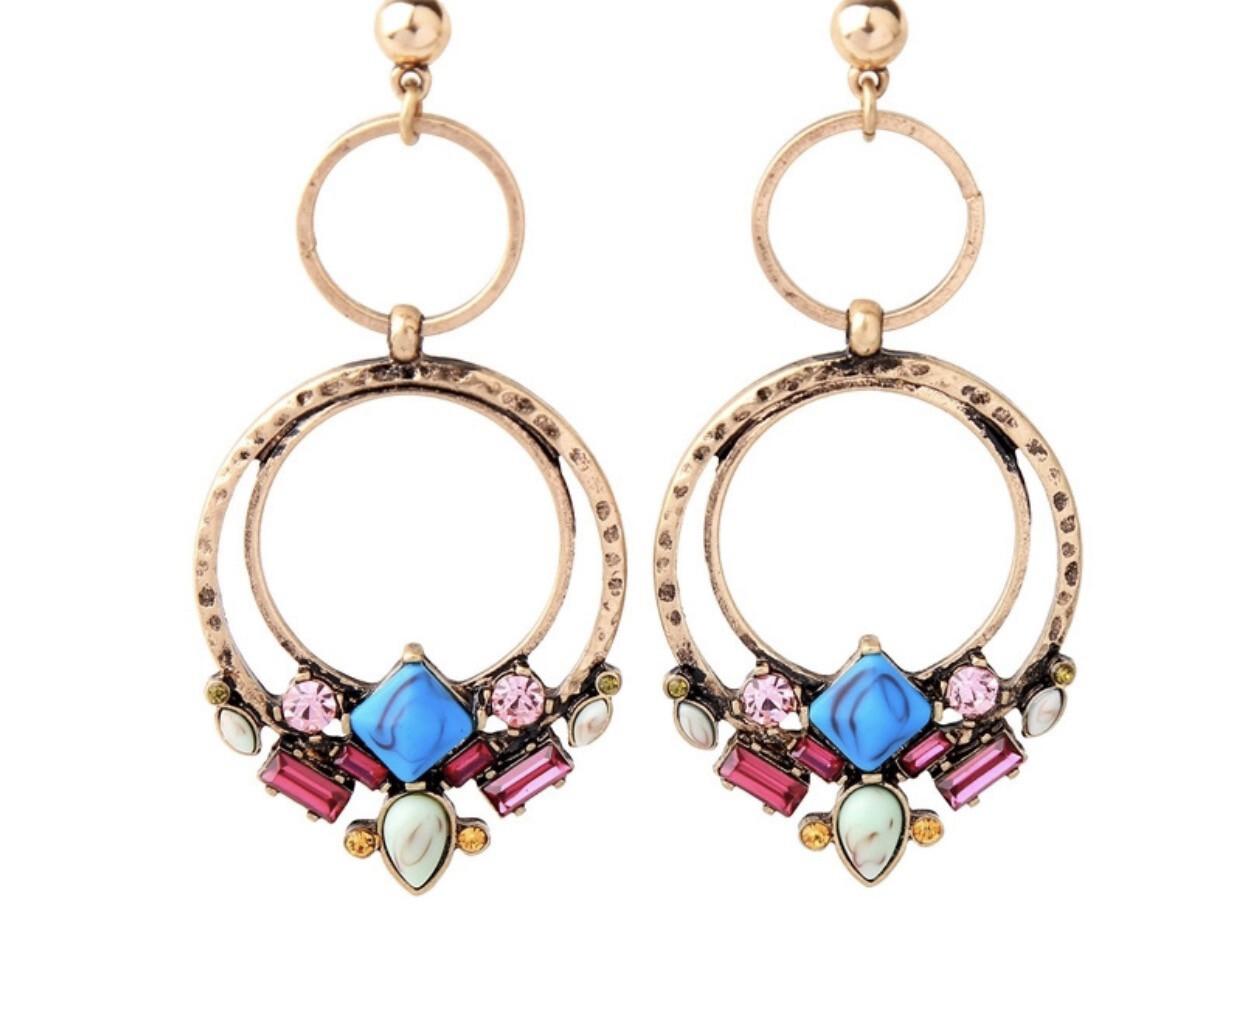 Remi earrings